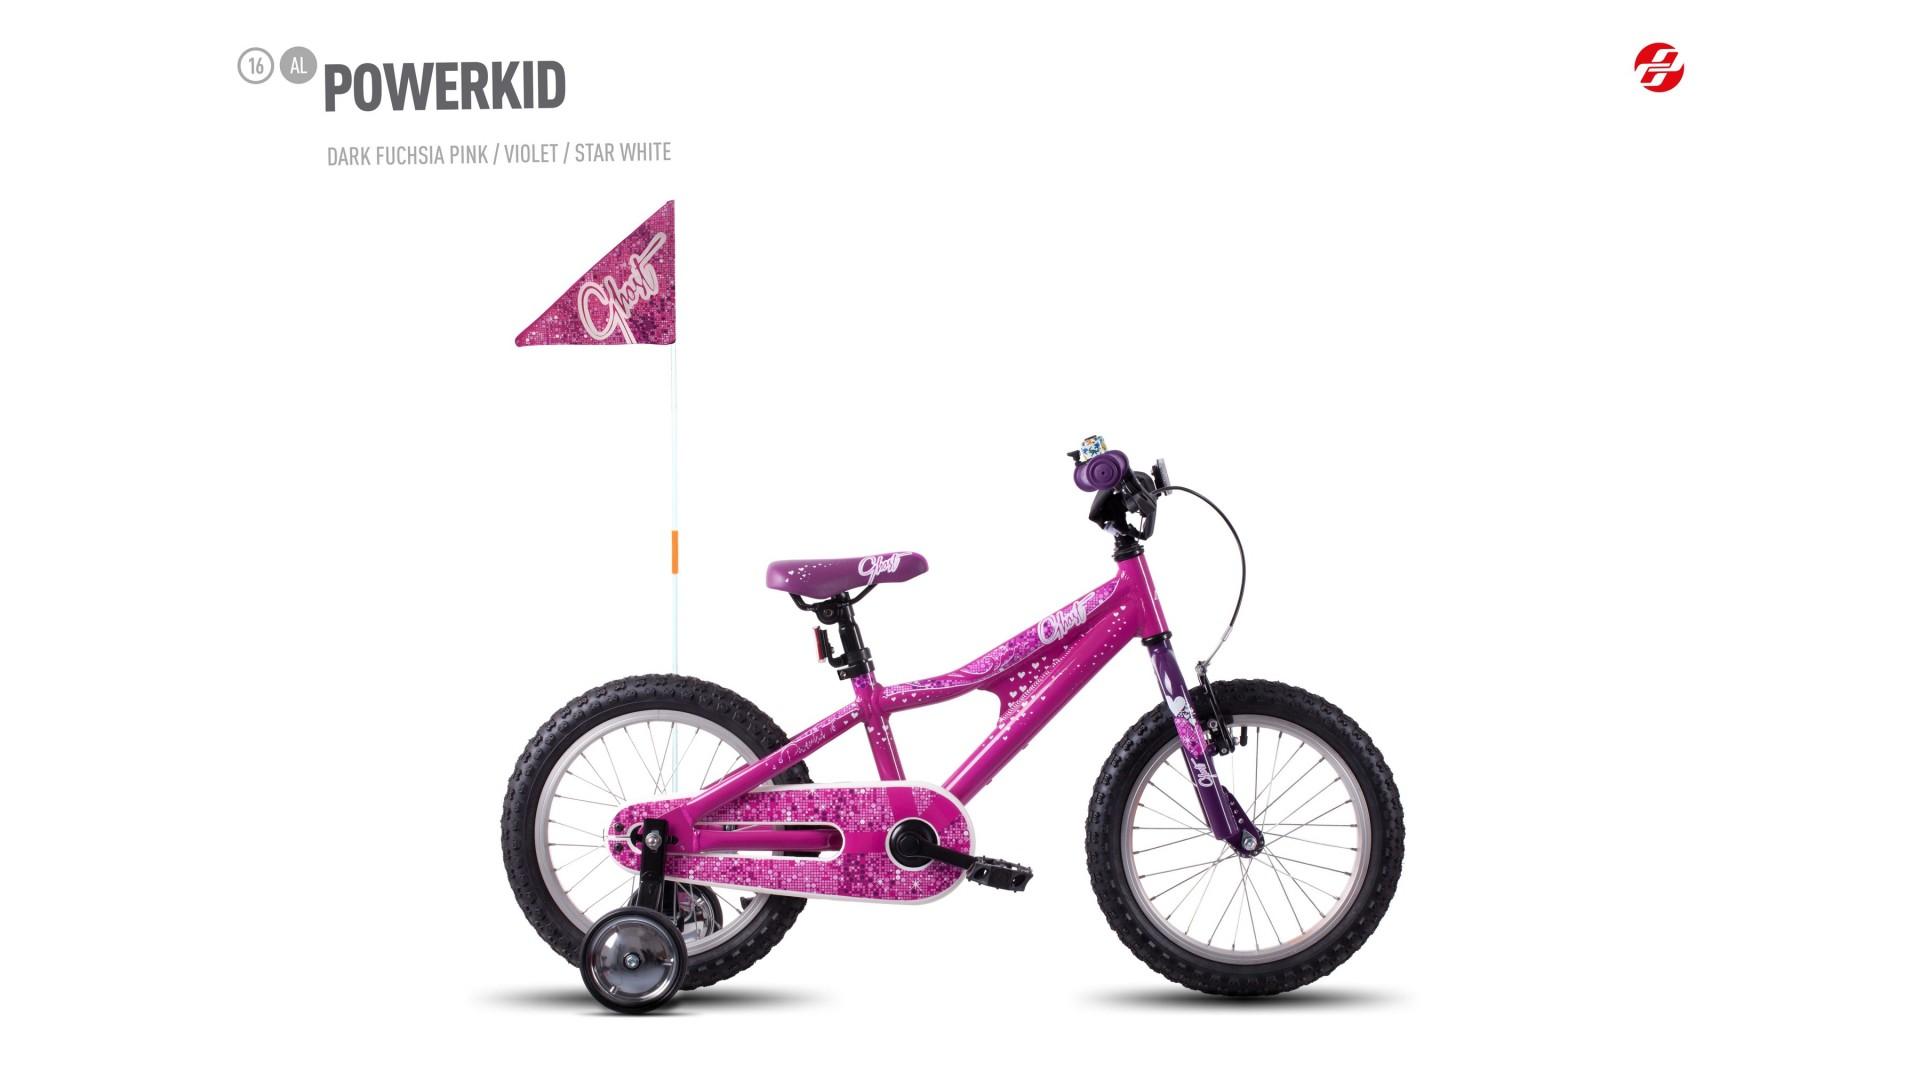 Велосипед GHOST Powerkid 16 AL darkfuchsiapink/violet/starwhite год 2017